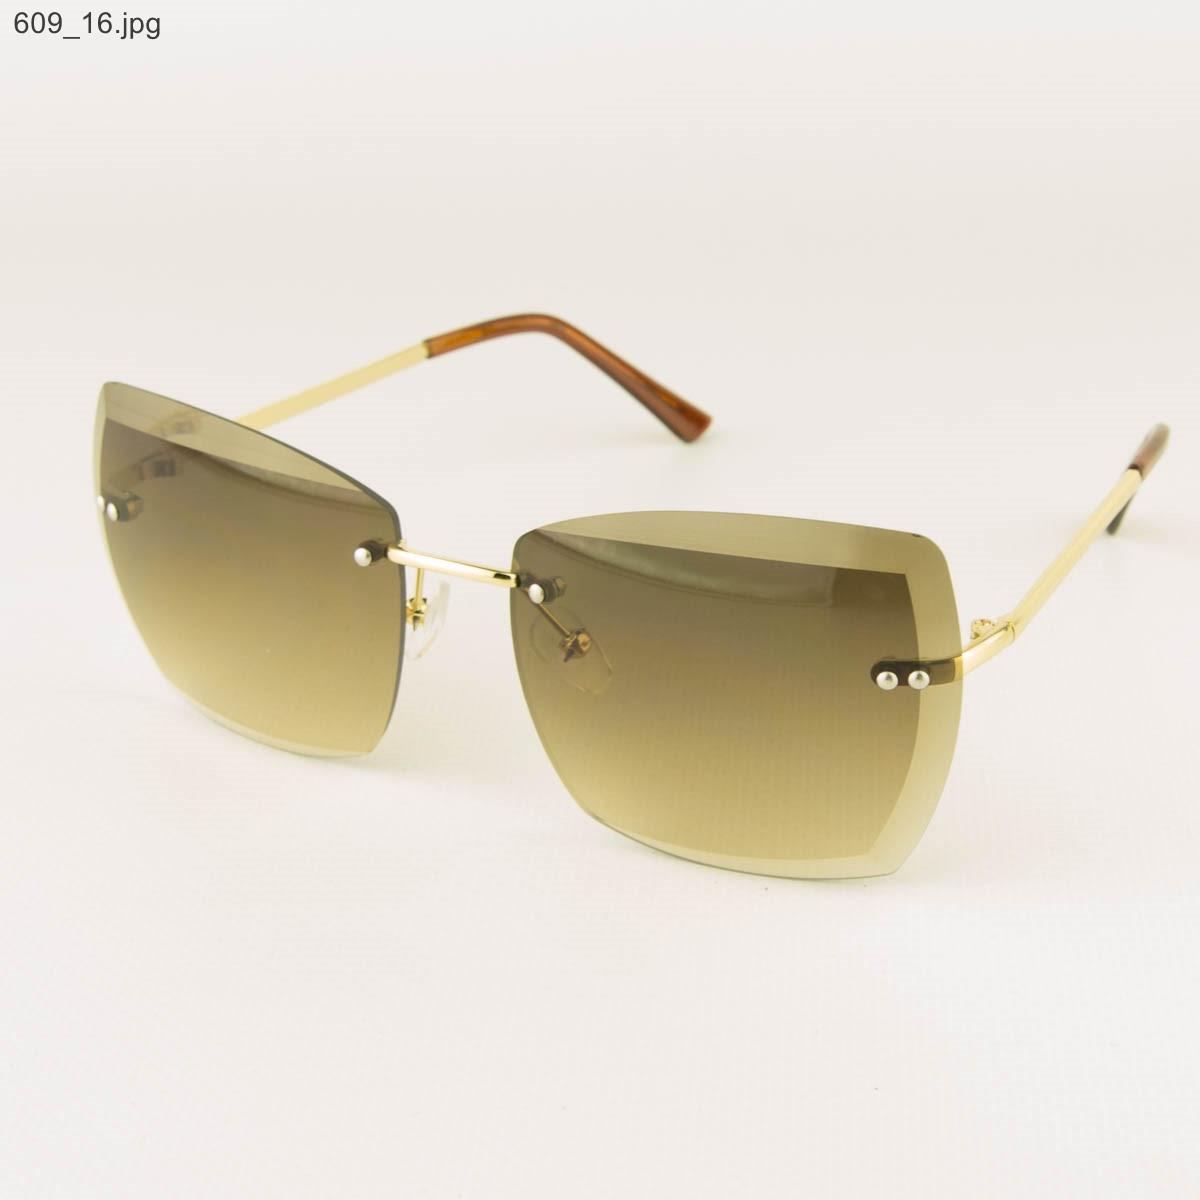 Оптом солнцезащитные квадратные женские очки с коричневыми линзами - 609